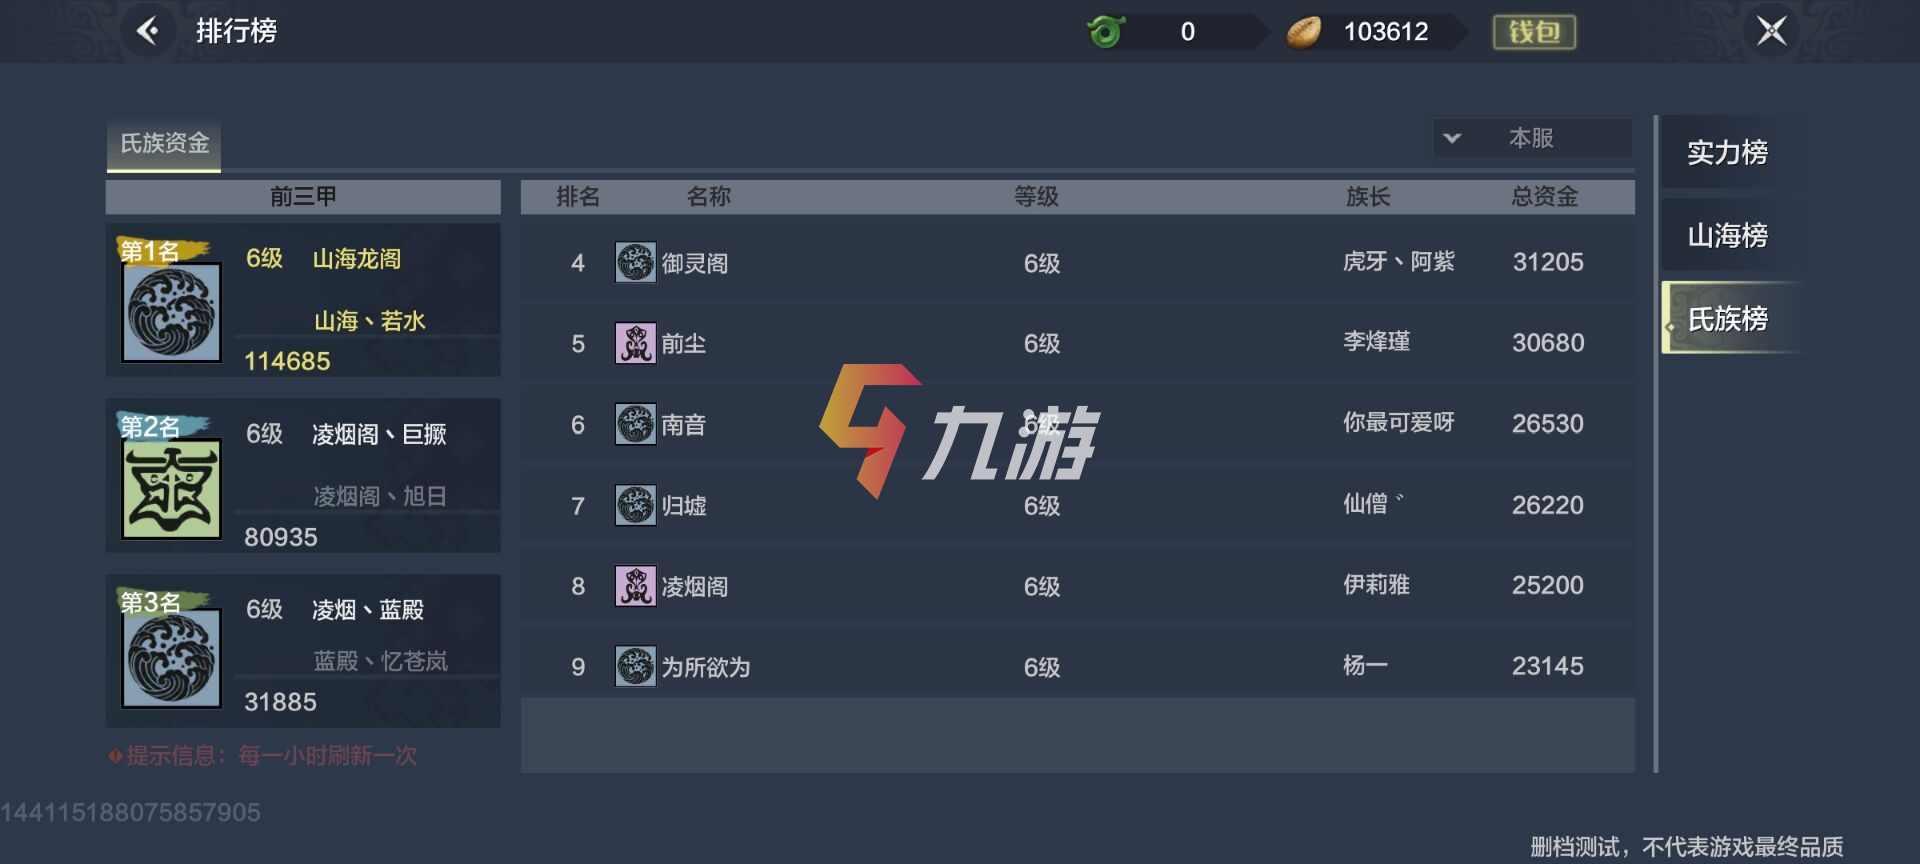 妄想山海社交氏族介绍 氏族玩法全攻略